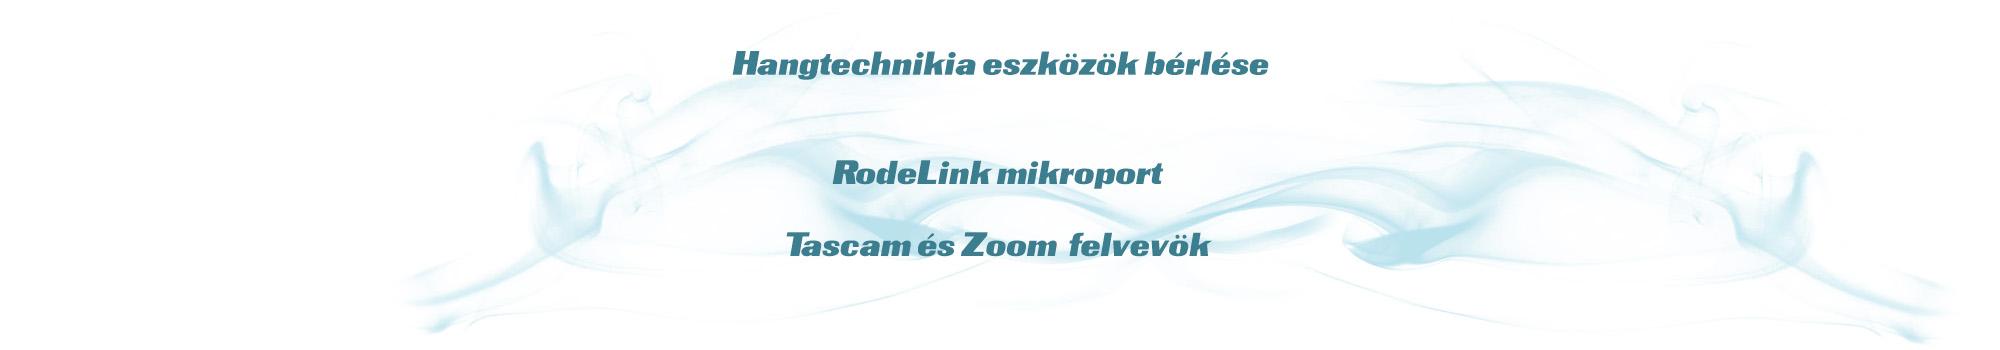 rodelink_slider_4